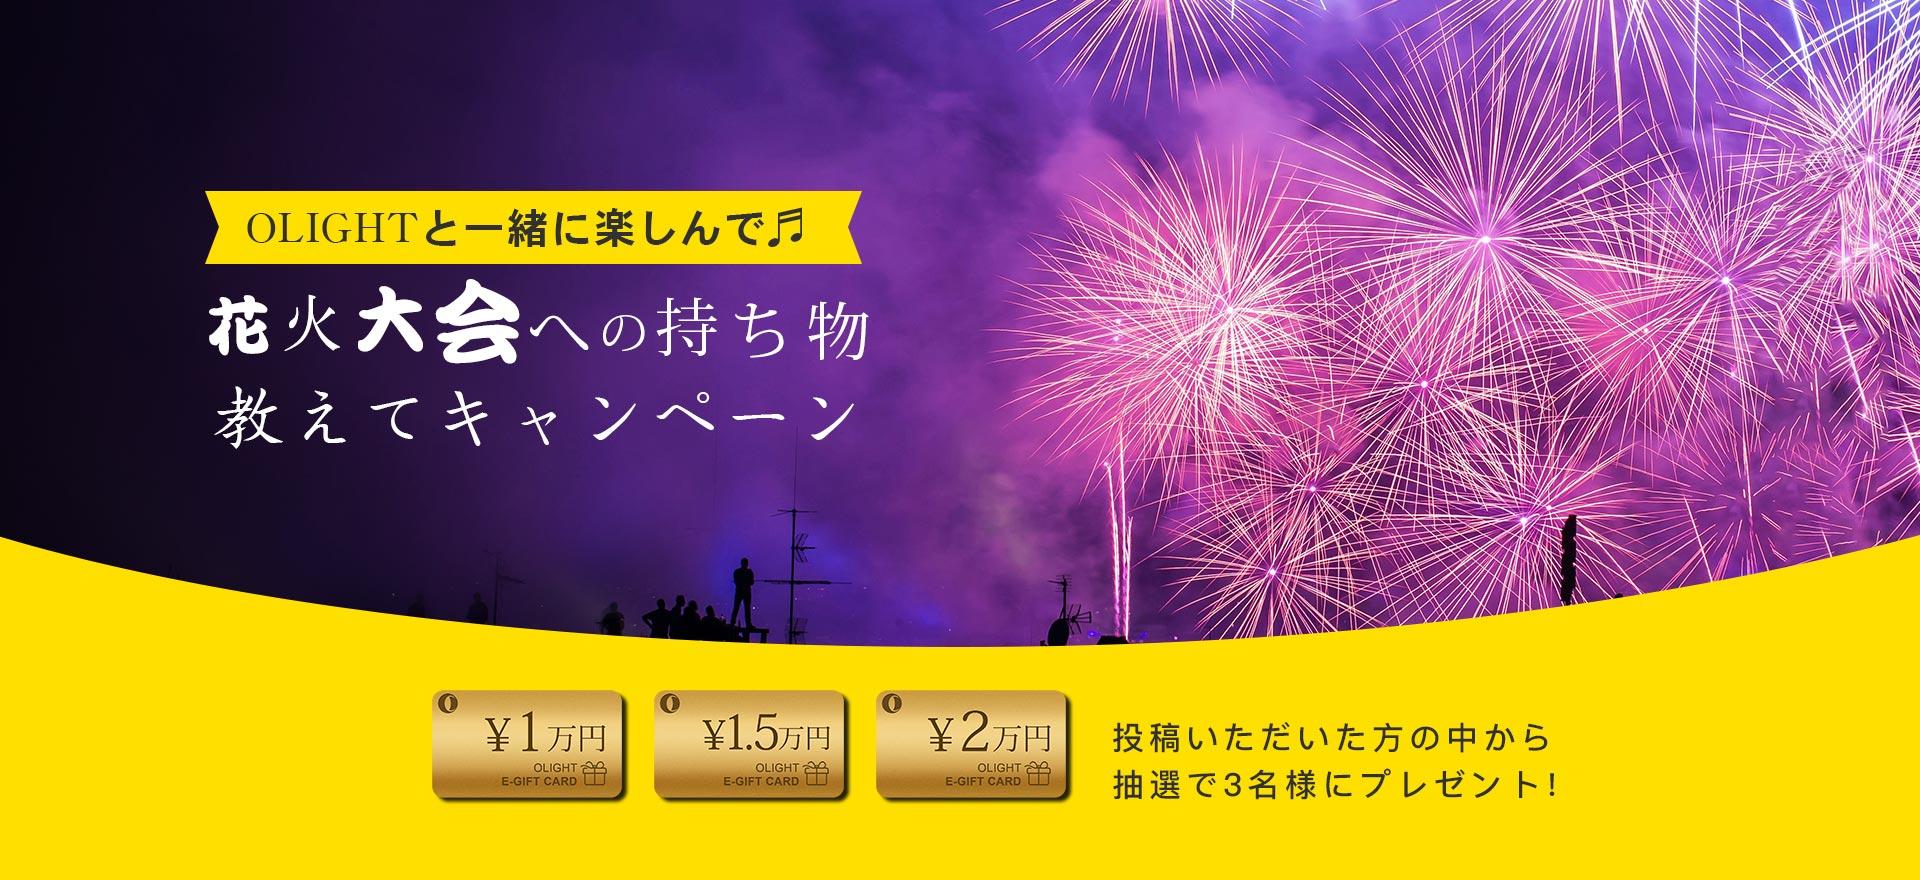 花火大会にあなたは何をもっていきますか?|抽選で最大2万円のプレゼントカードもらえる!